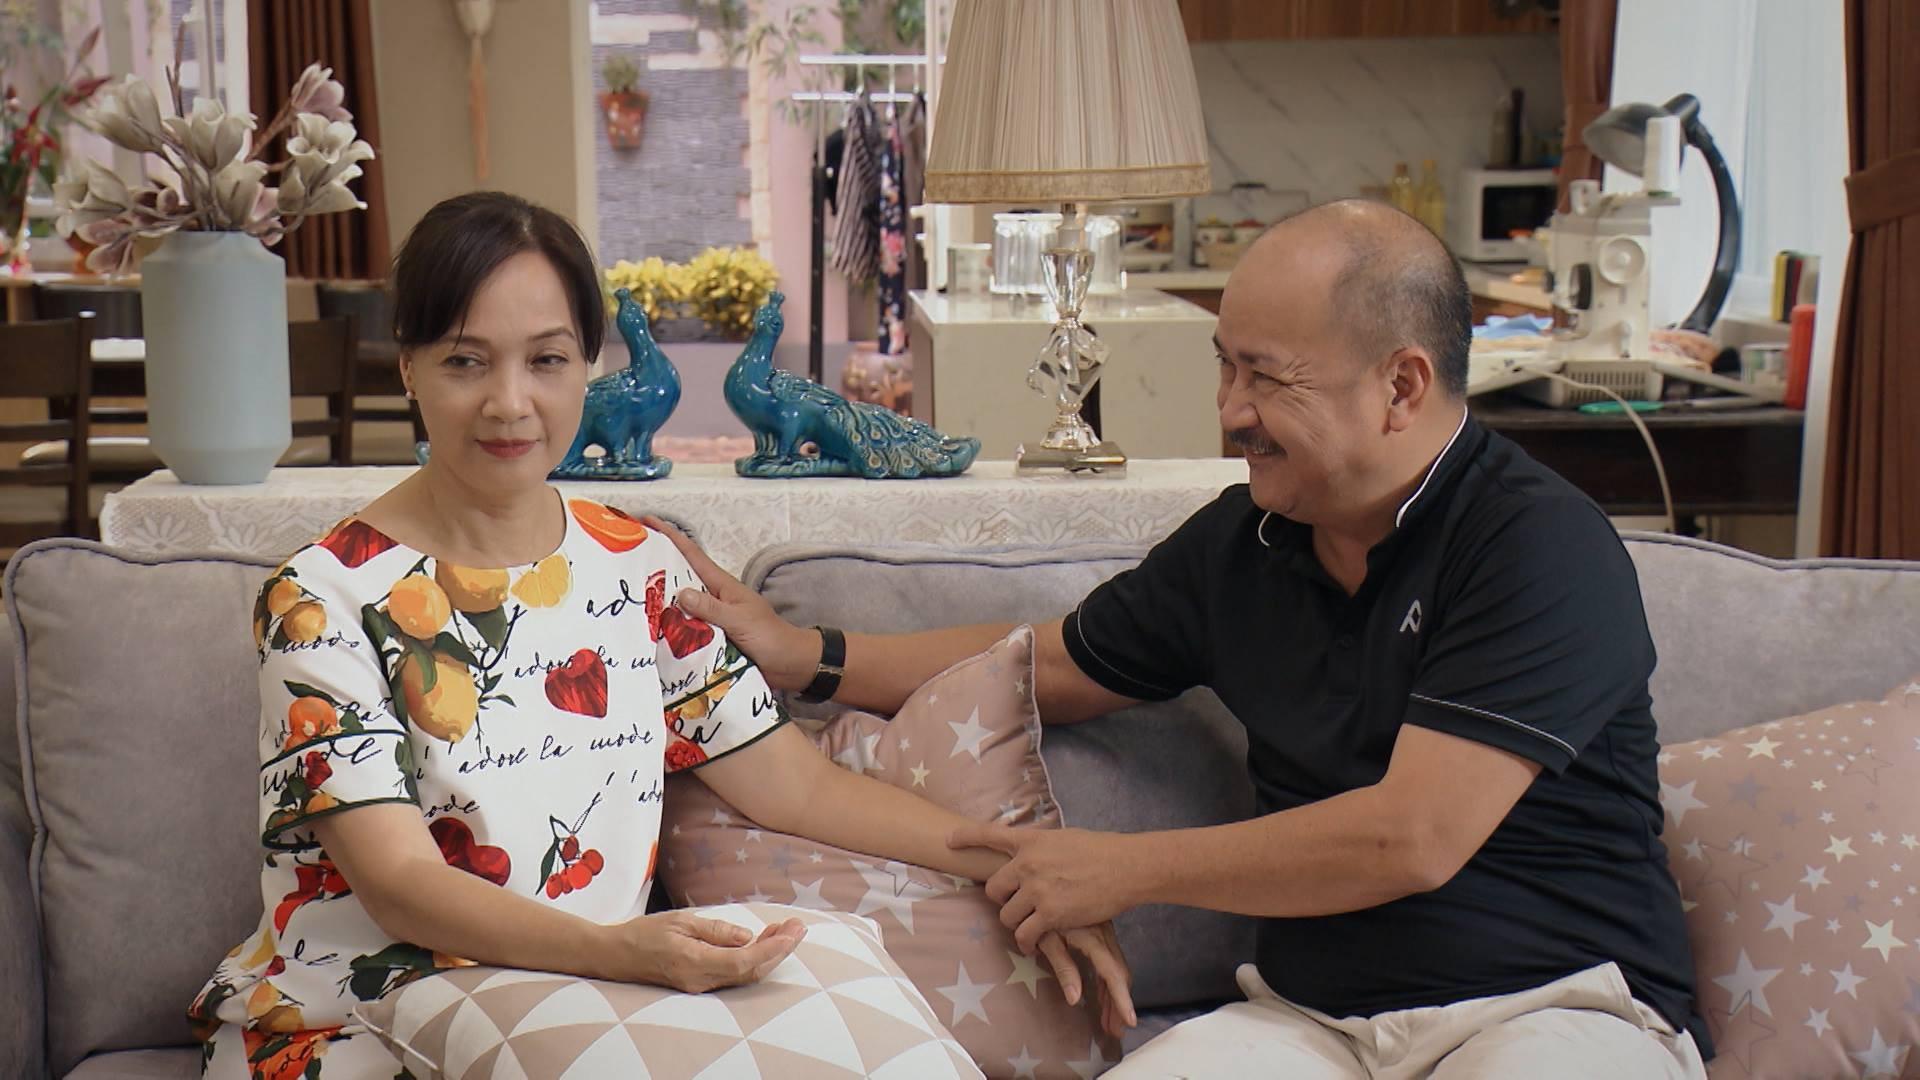 Quỳnh Kool chụp hình khỏa thân khiến bố mẹ phát hoảng - ảnh 1